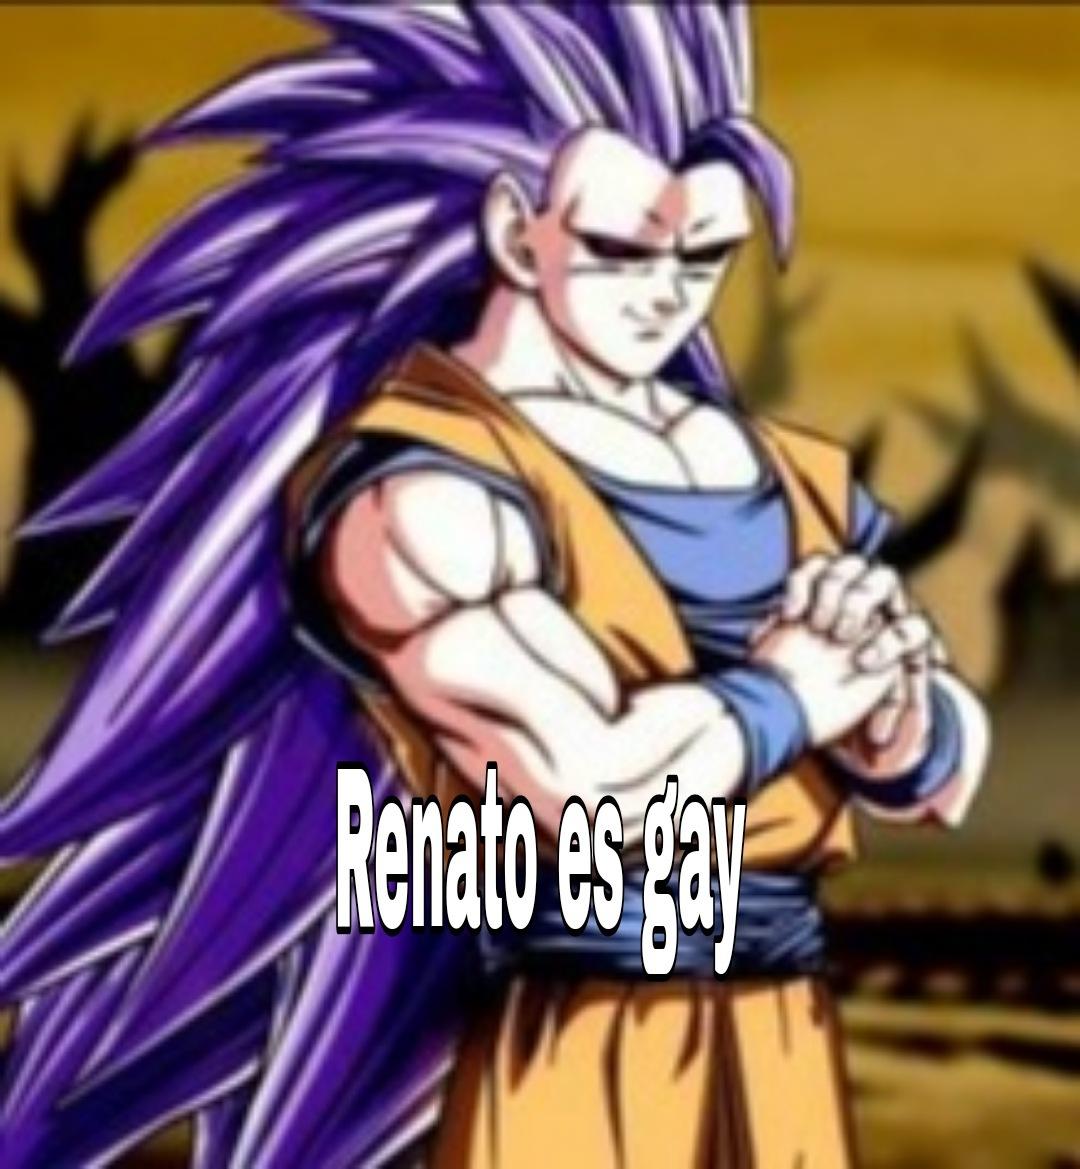 Renato es gay - meme